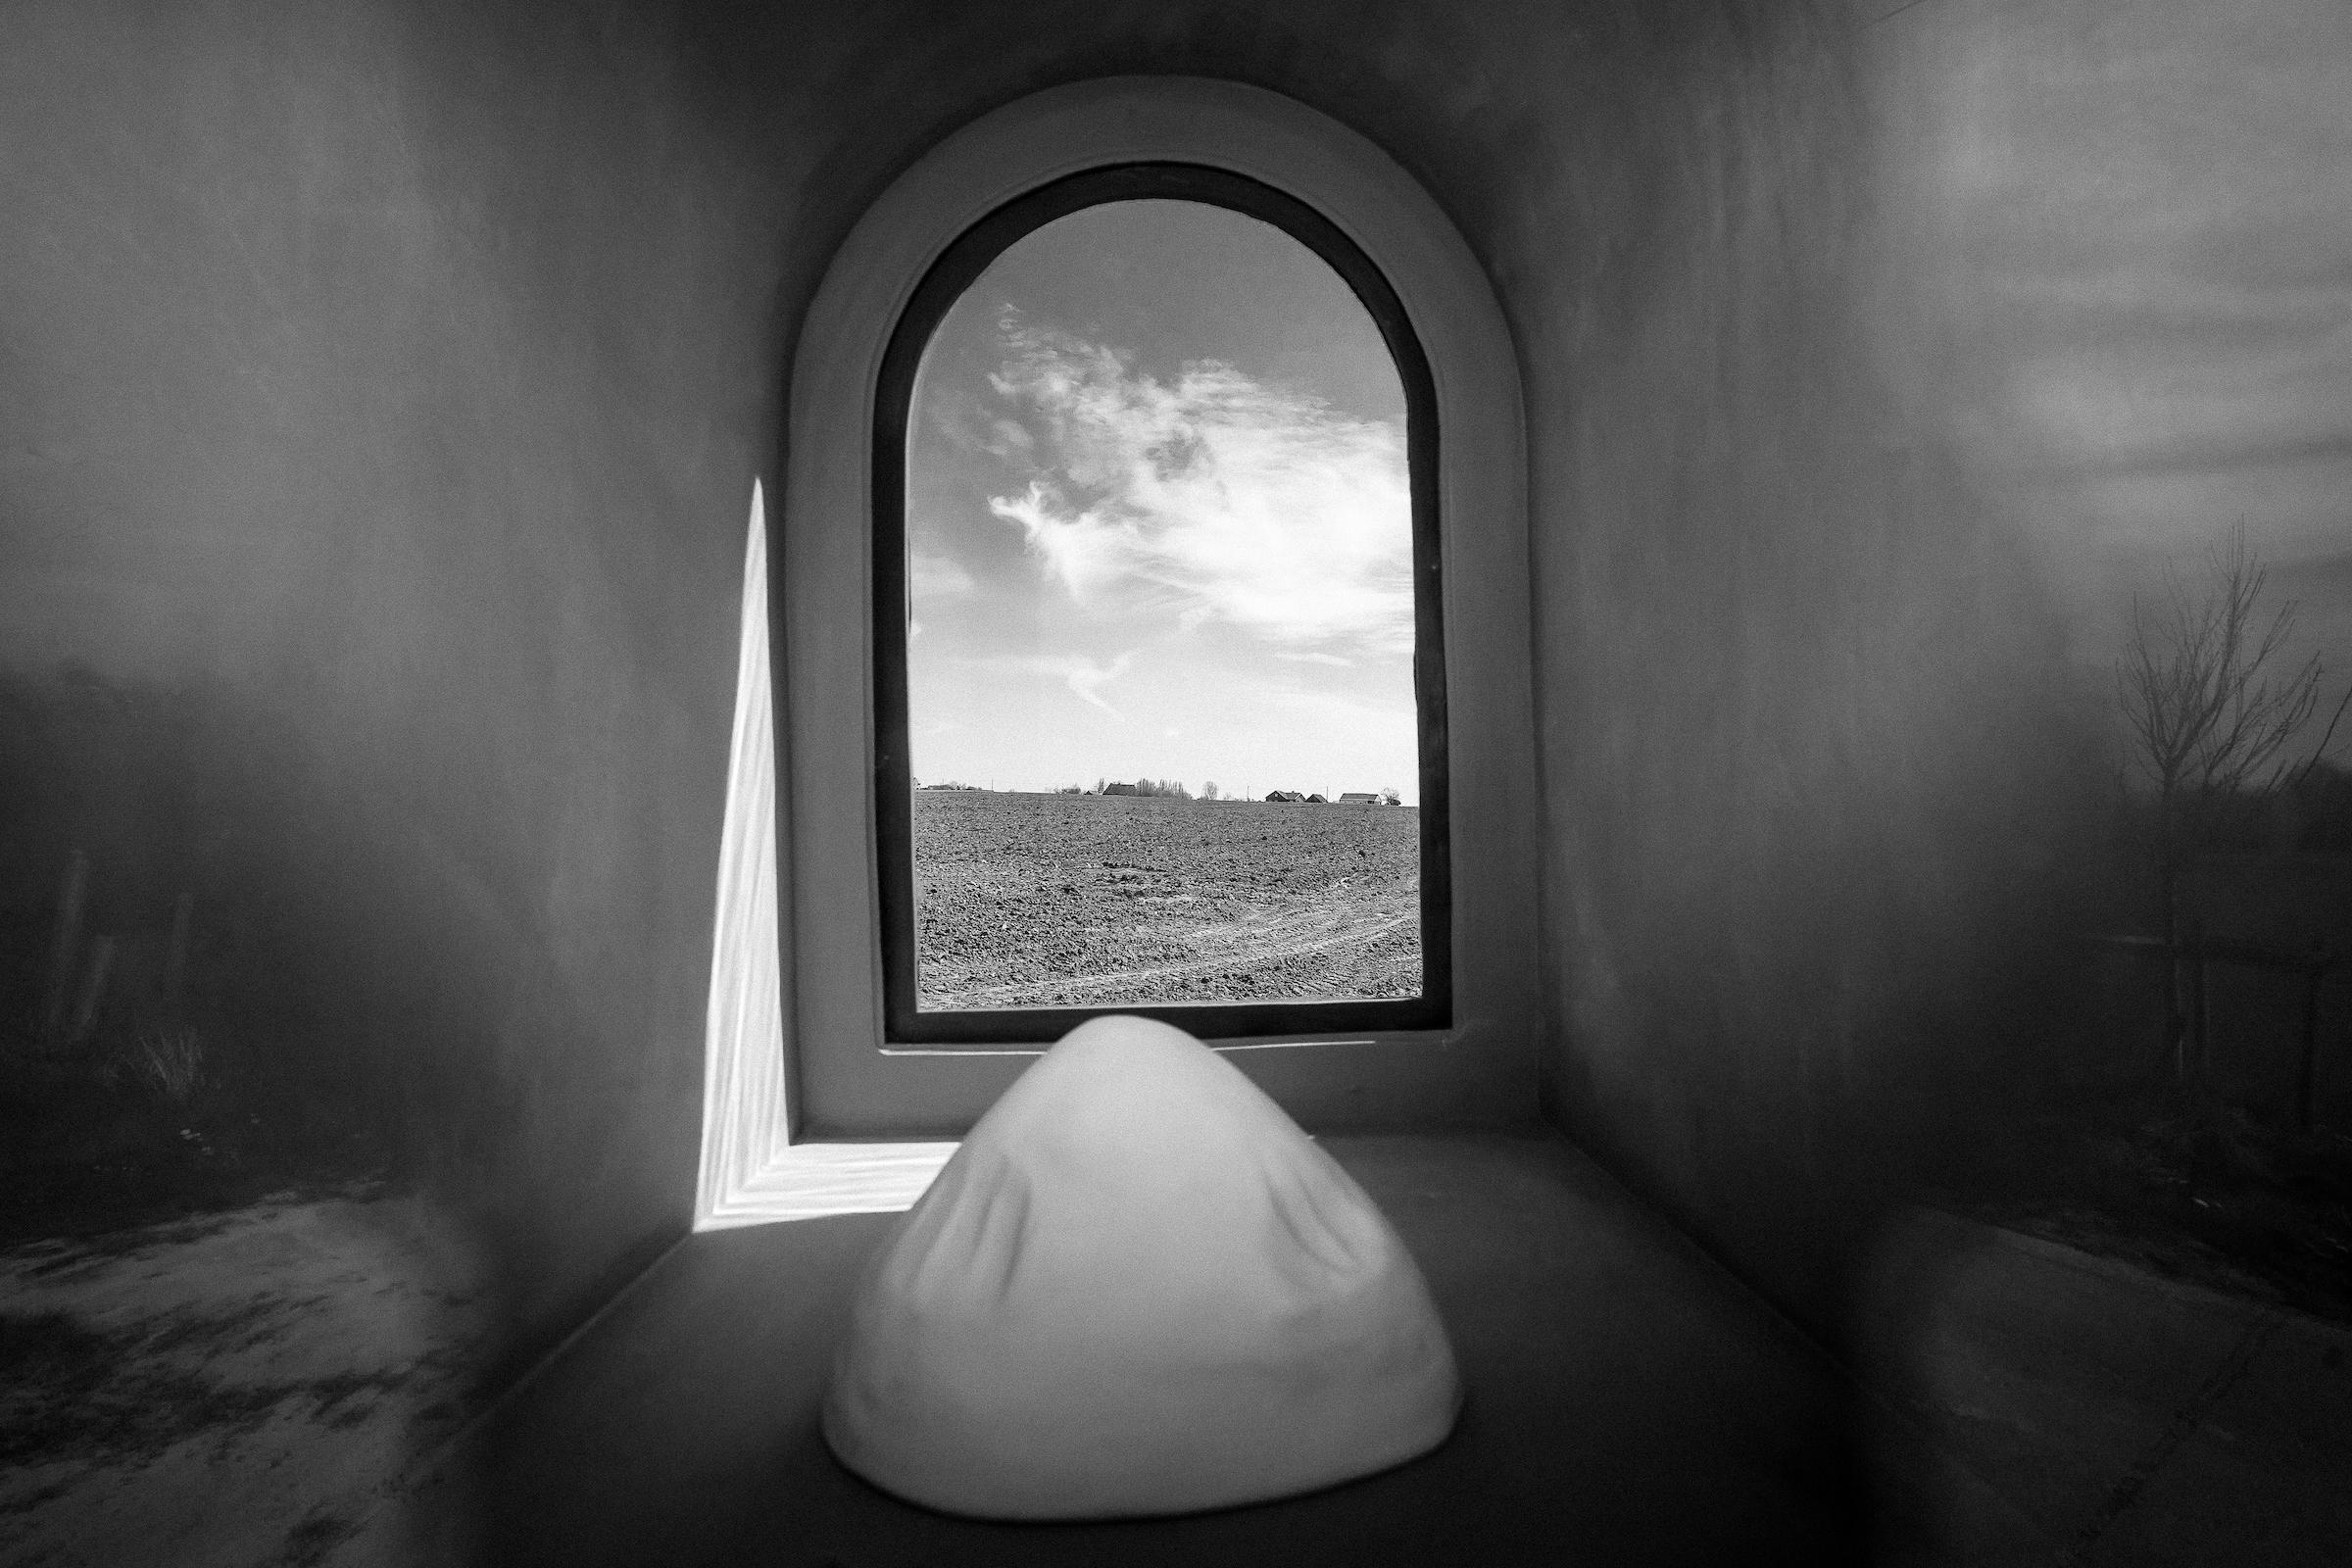 © Christophe Vander Eecken